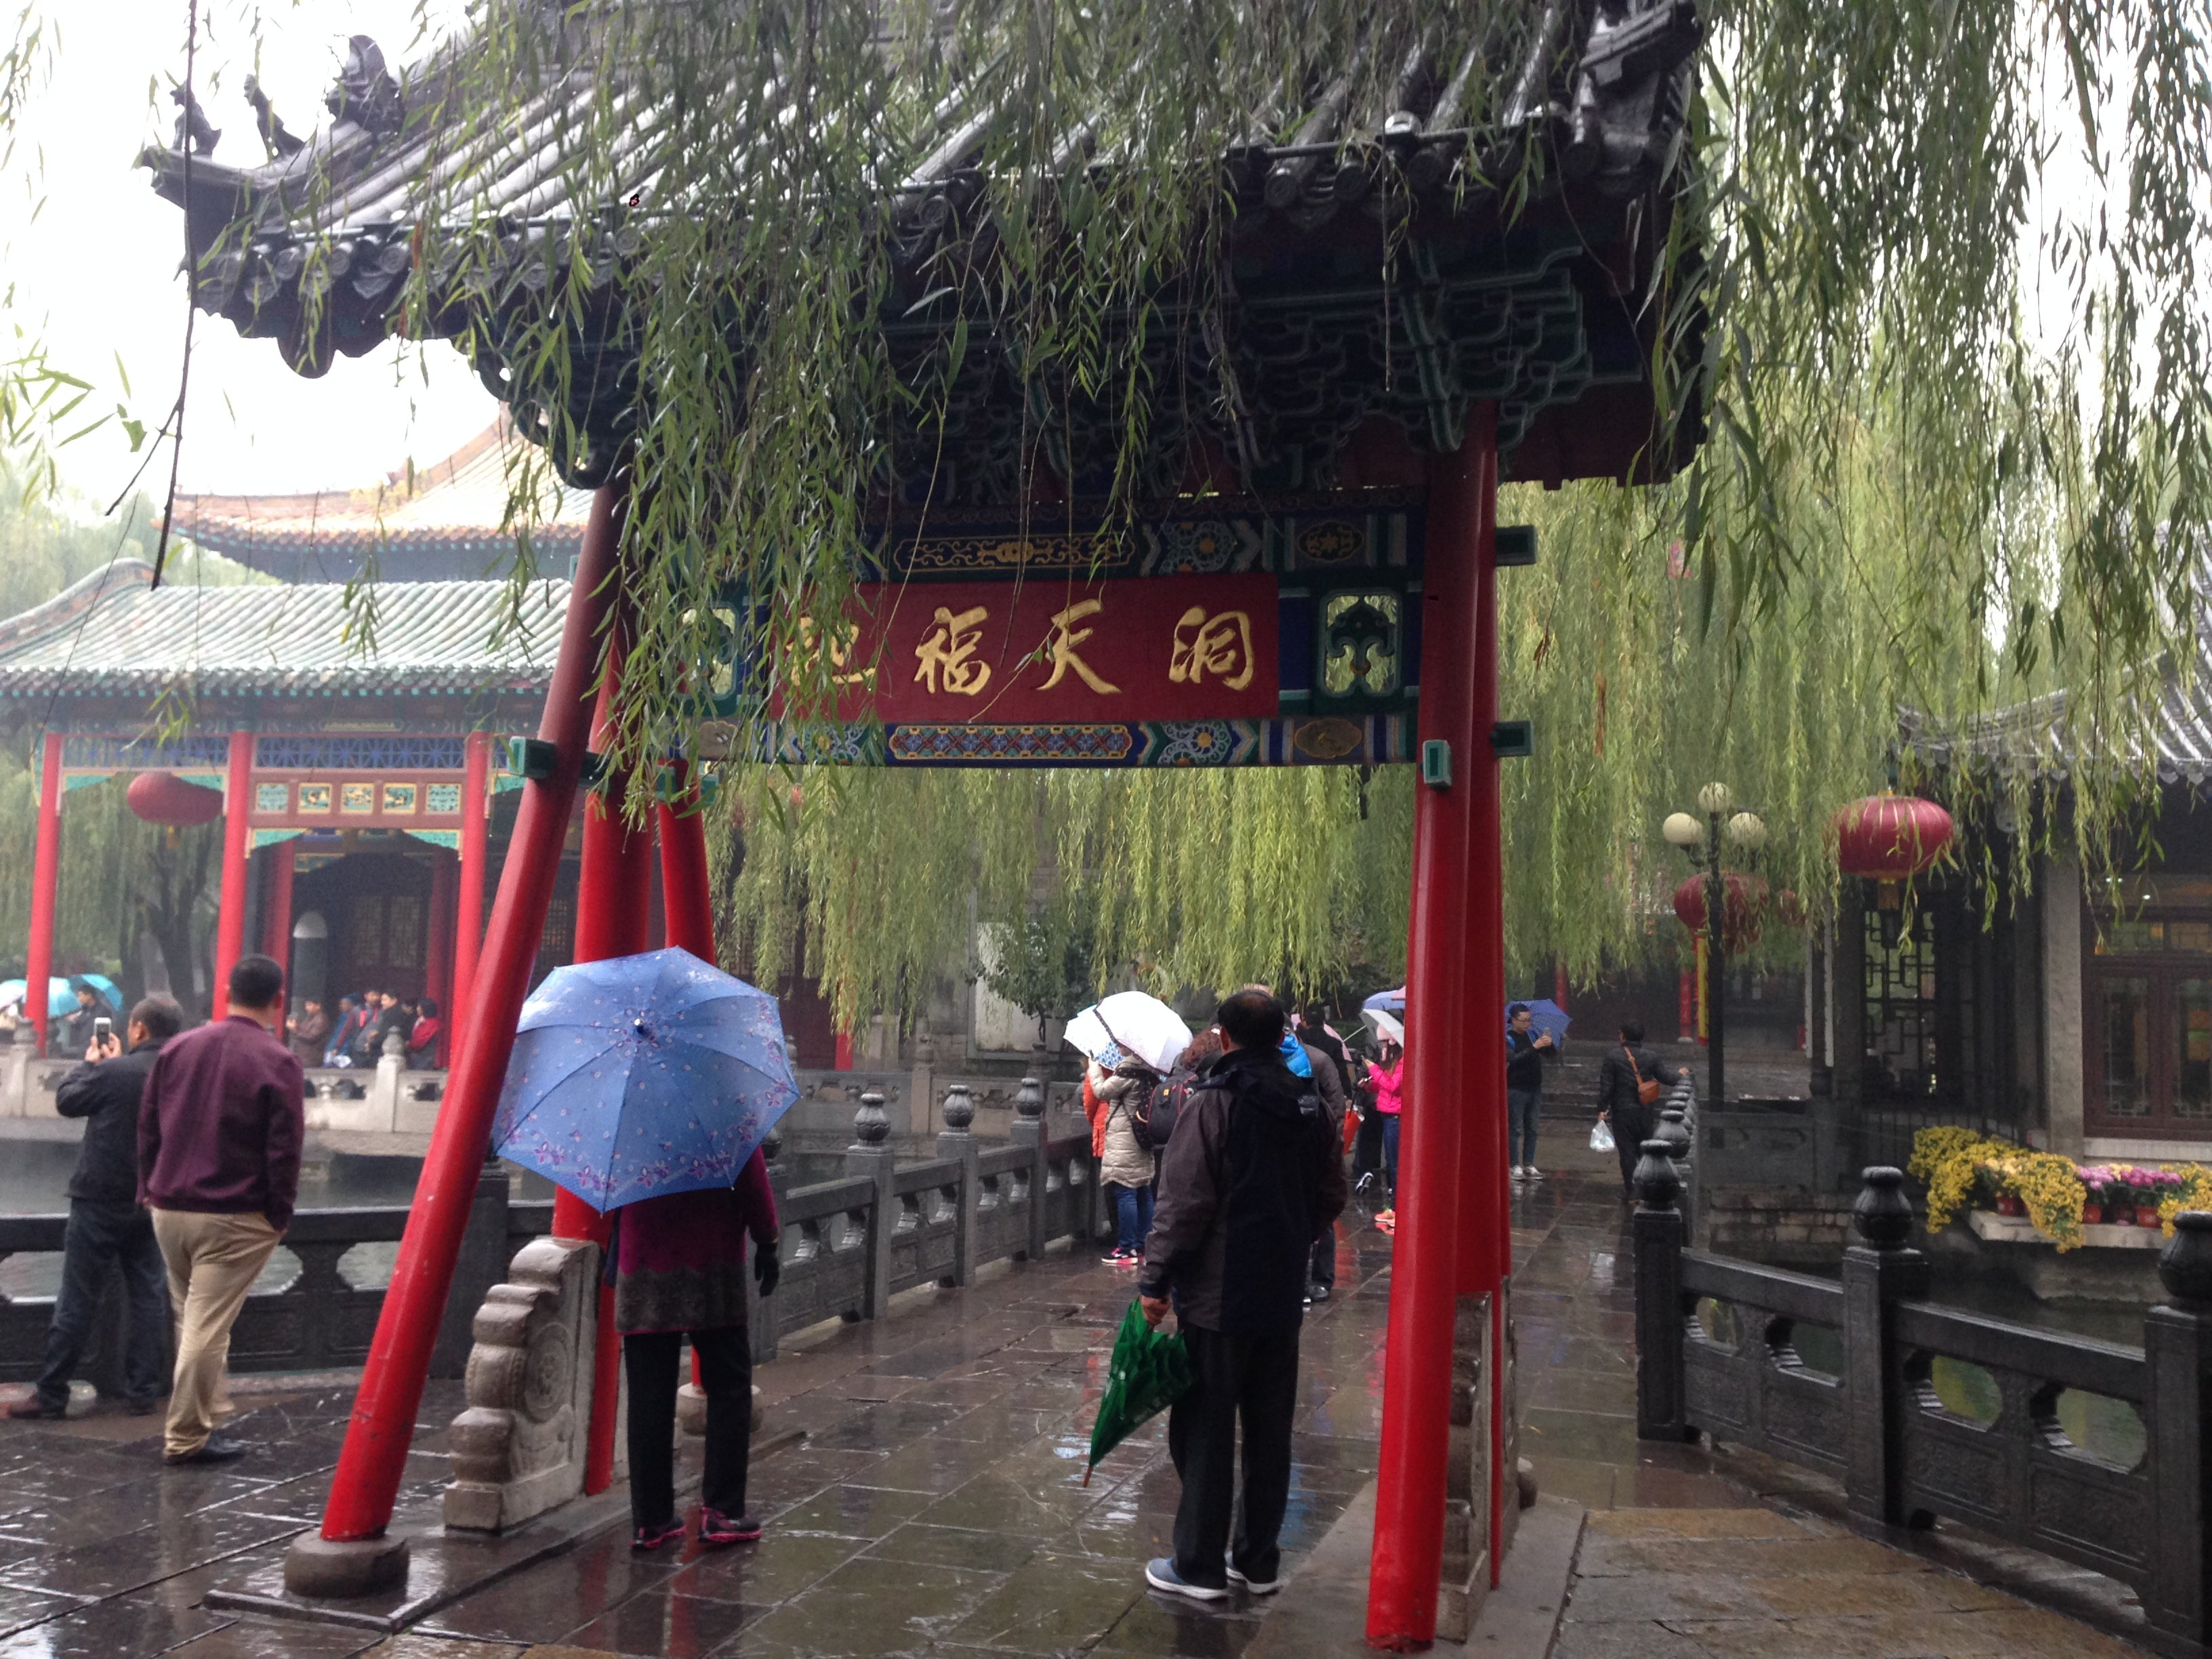 趵突泉景区是济南最有名气的一个景点了,是aaaaa级风景区,非常值得